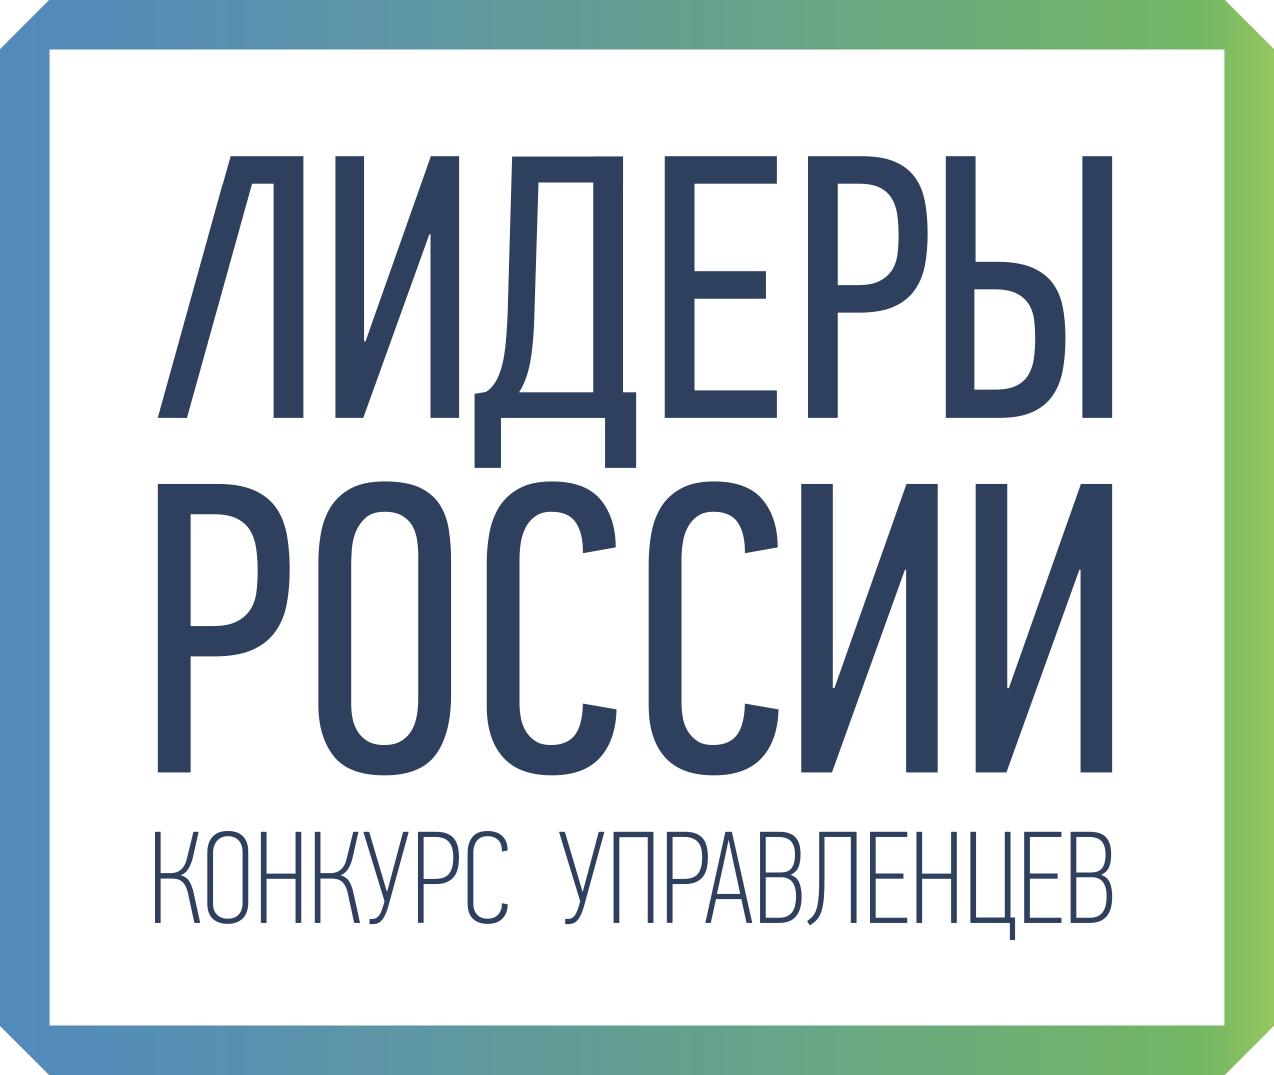 Тверской врач представляет Верхневолжье в полуфинале конкурса «Лидеры России»